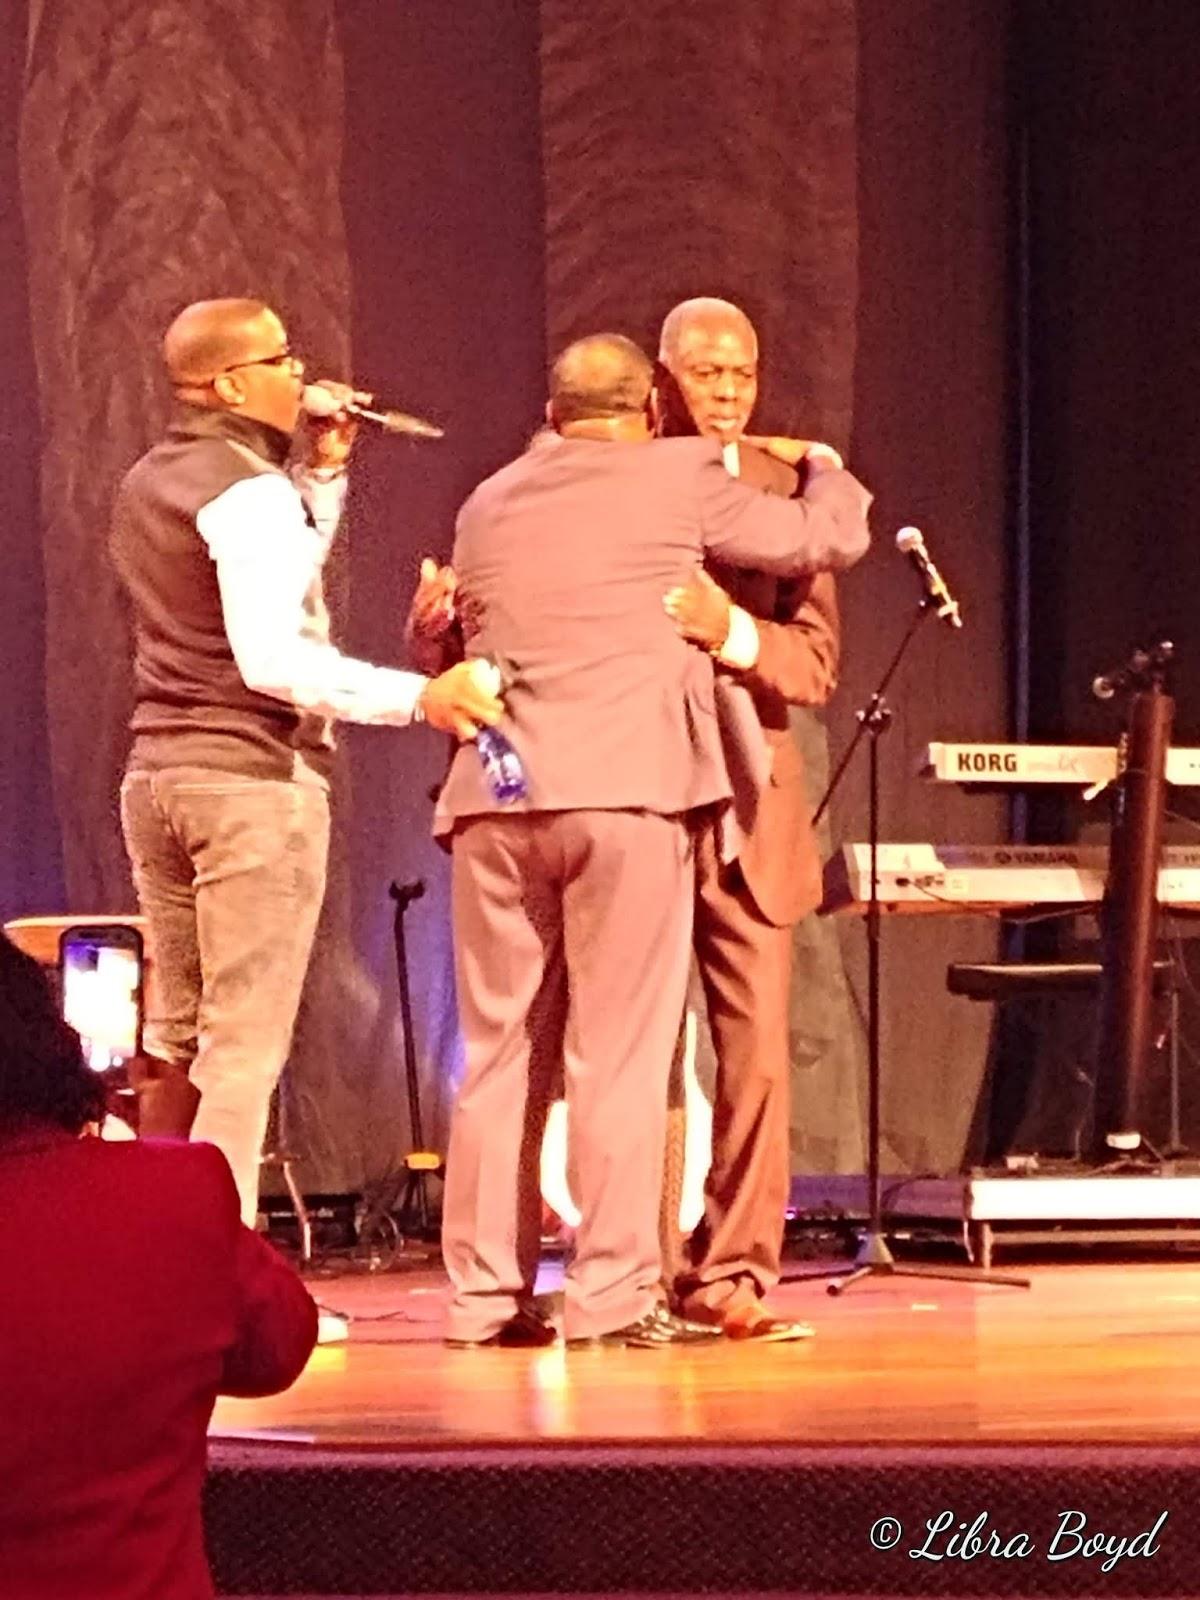 Melvin Williams hugs Lee